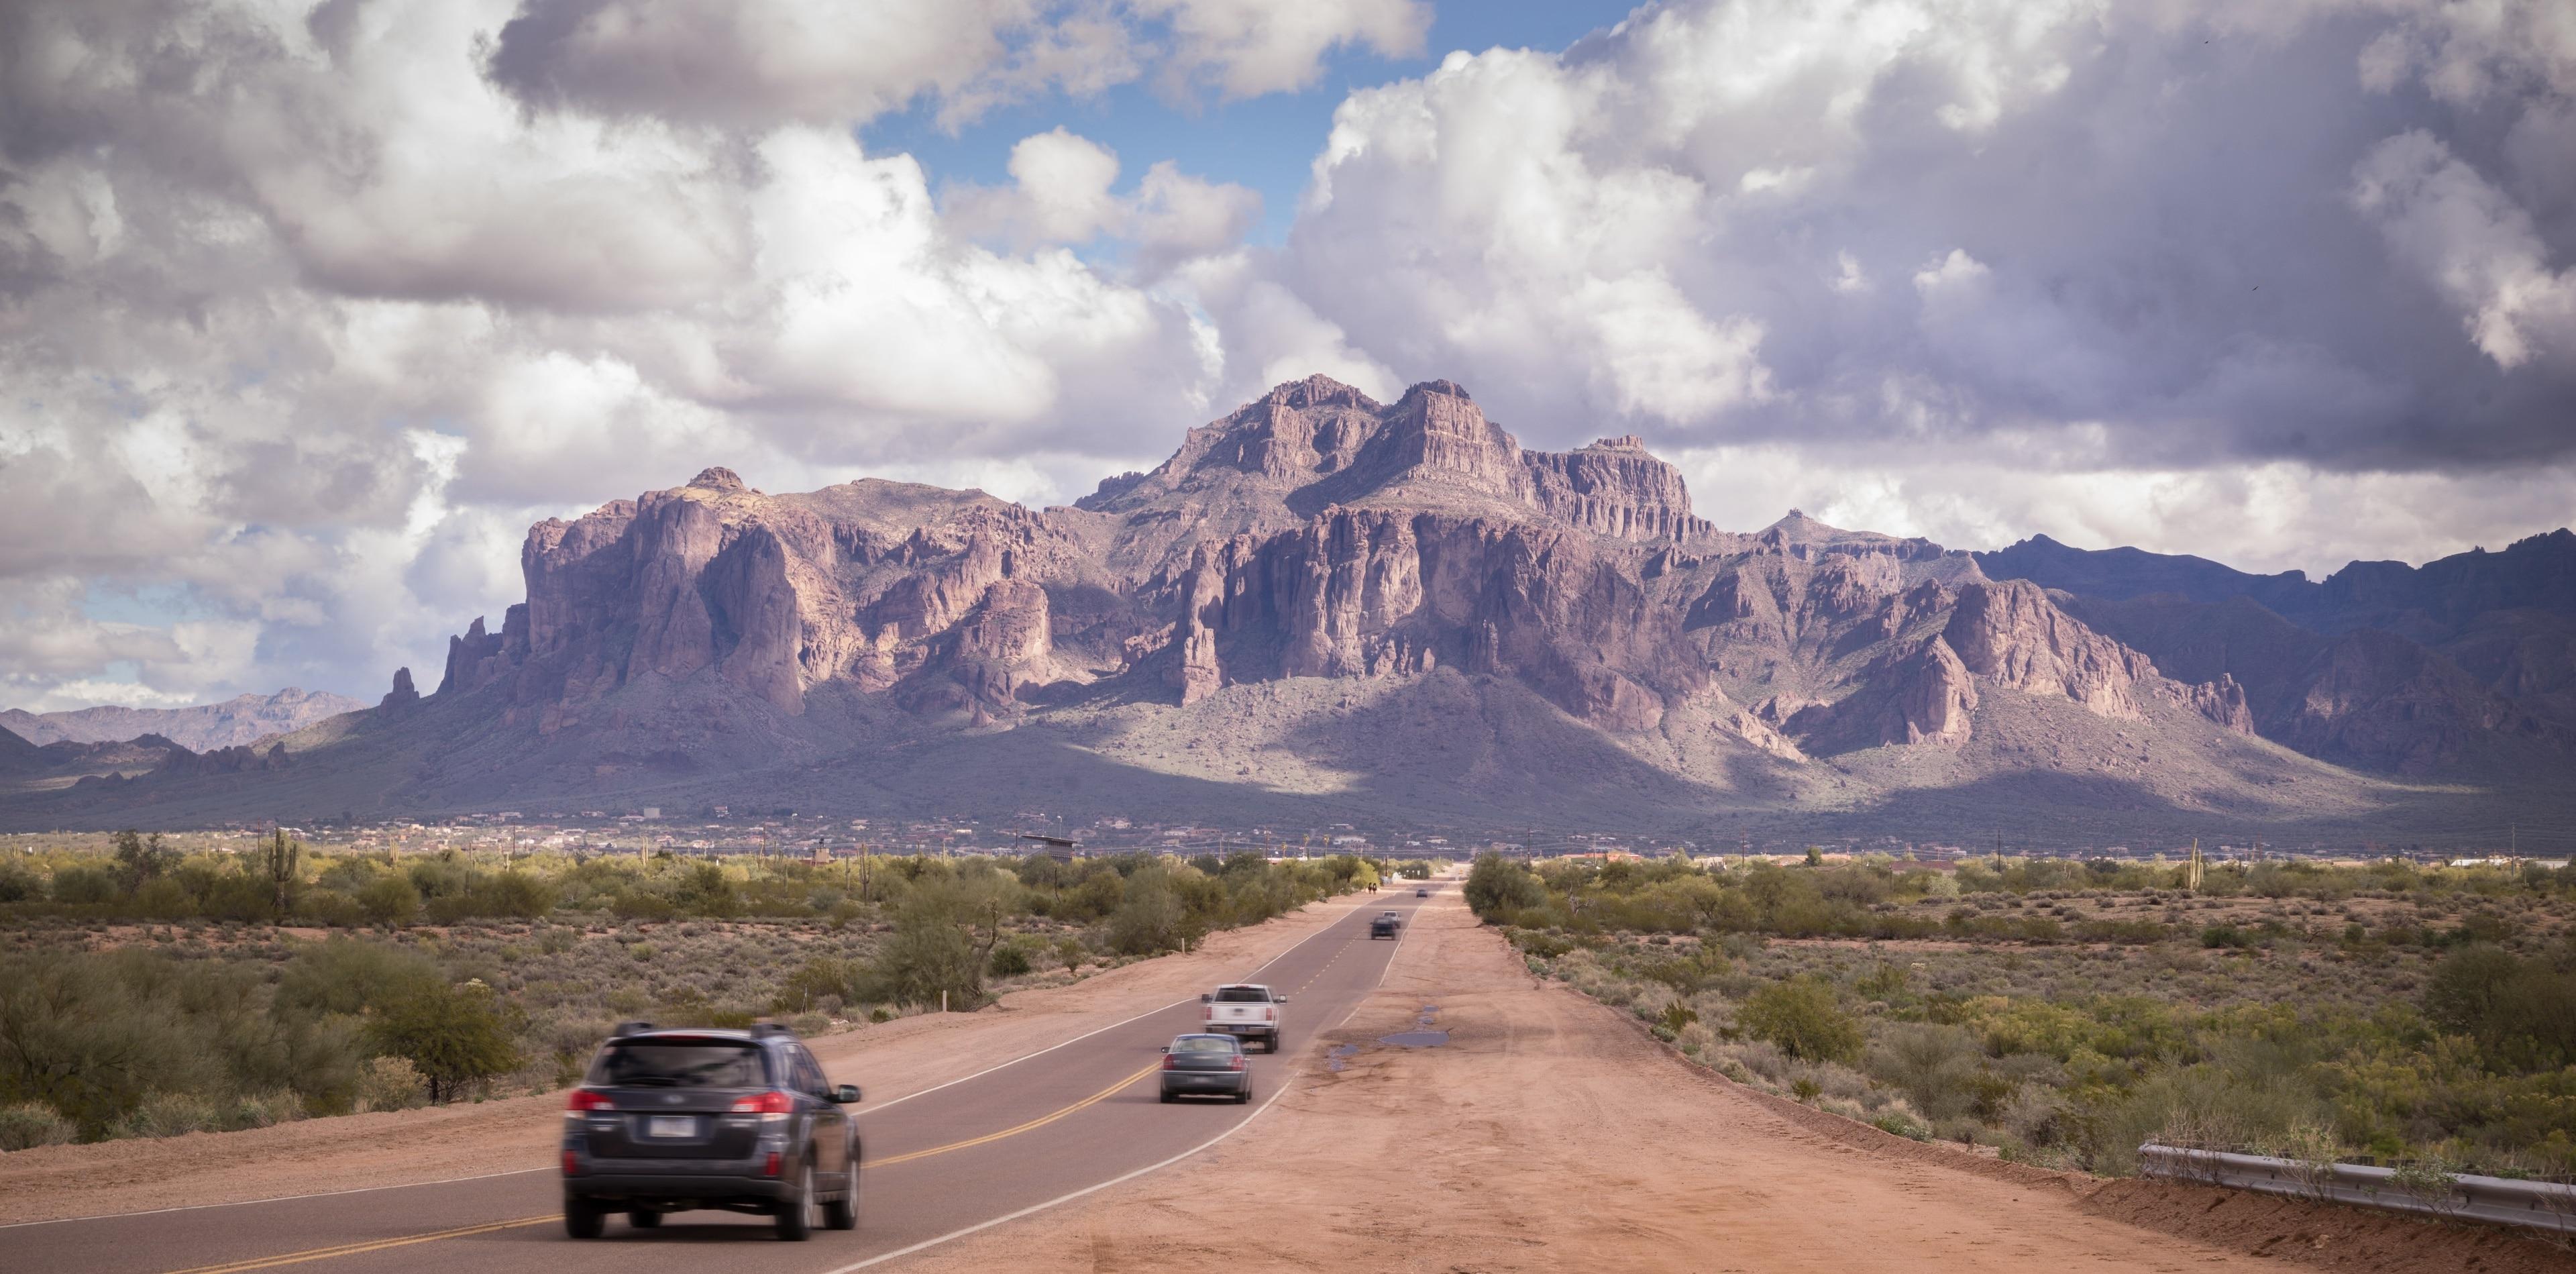 Gilbert, Arizona, United States of America